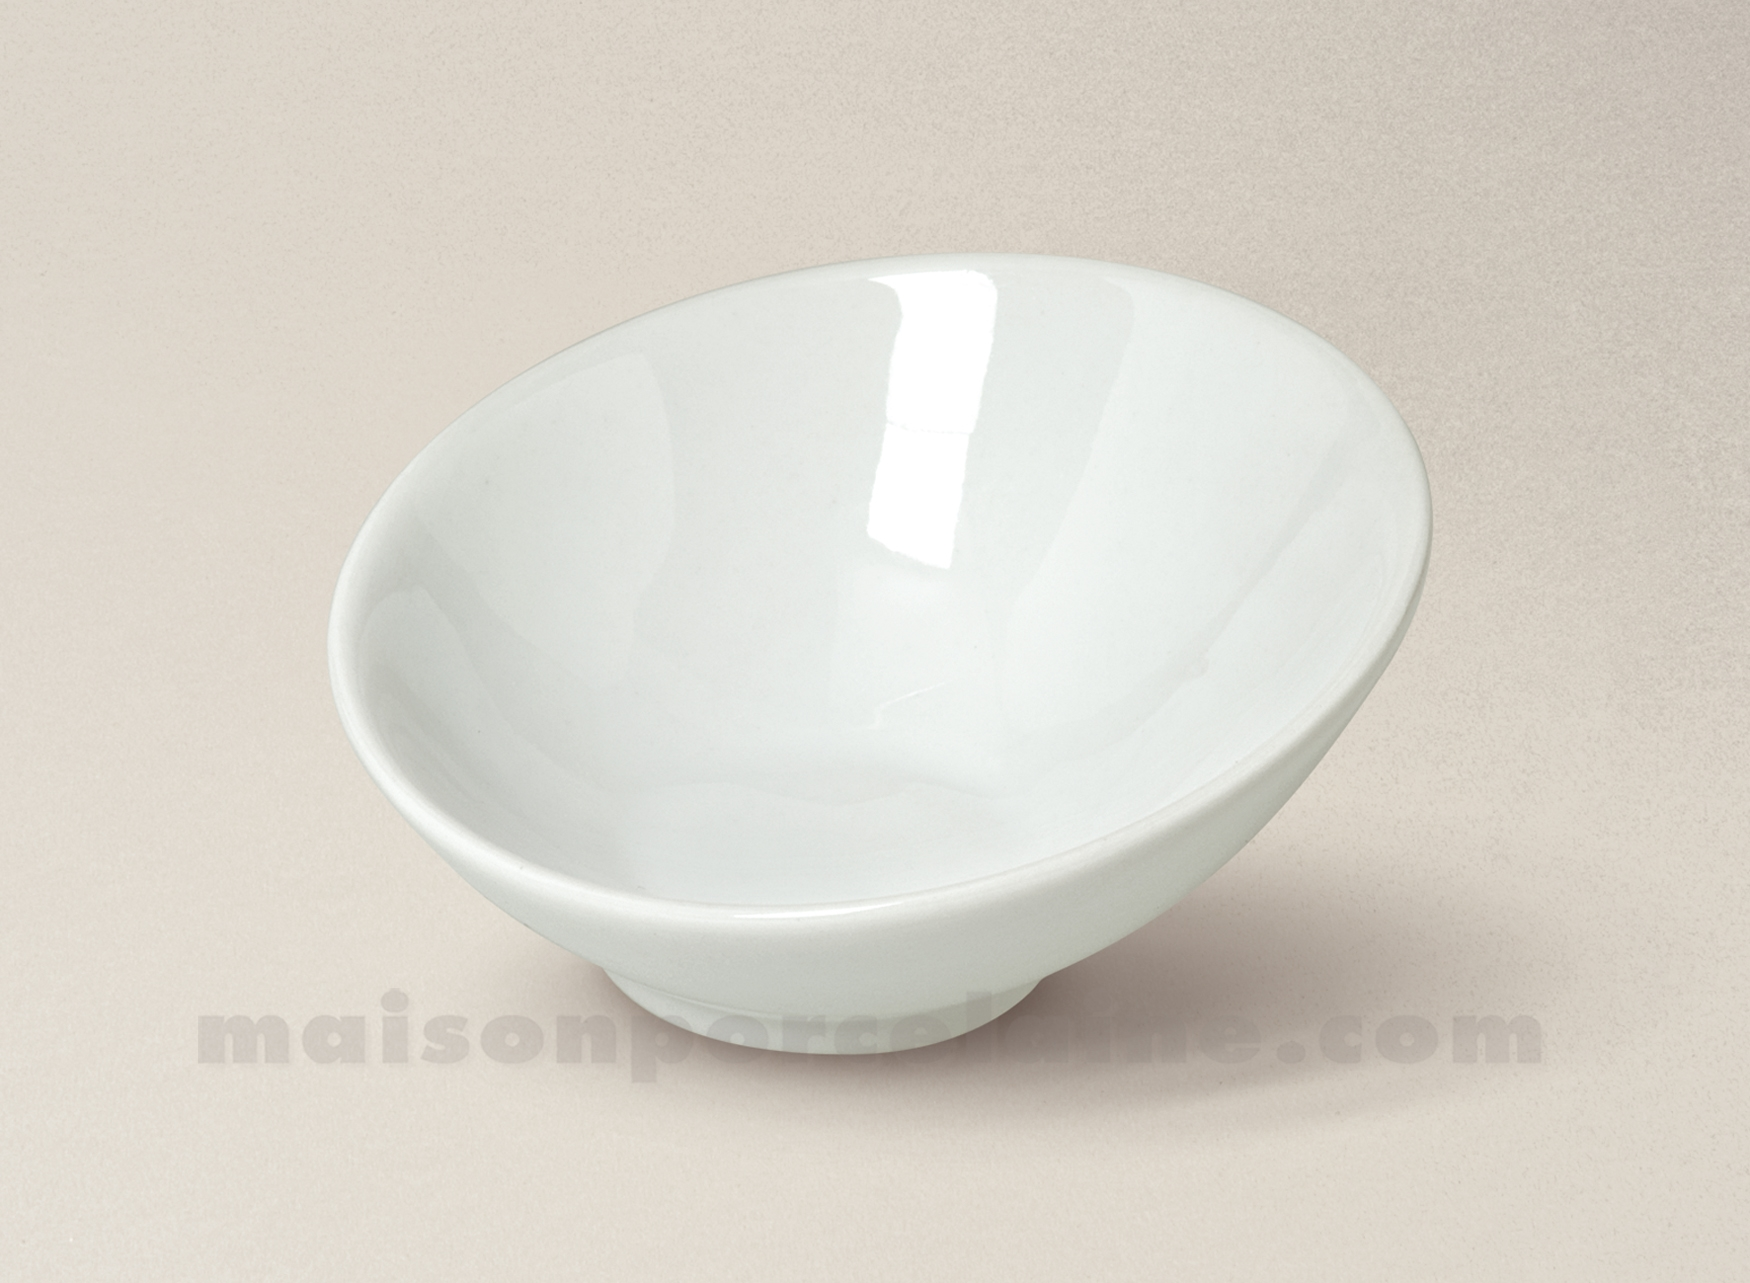 mise en bouche porcelaine blanche lounge 9 5x4 5 maison de la porcelaine. Black Bedroom Furniture Sets. Home Design Ideas